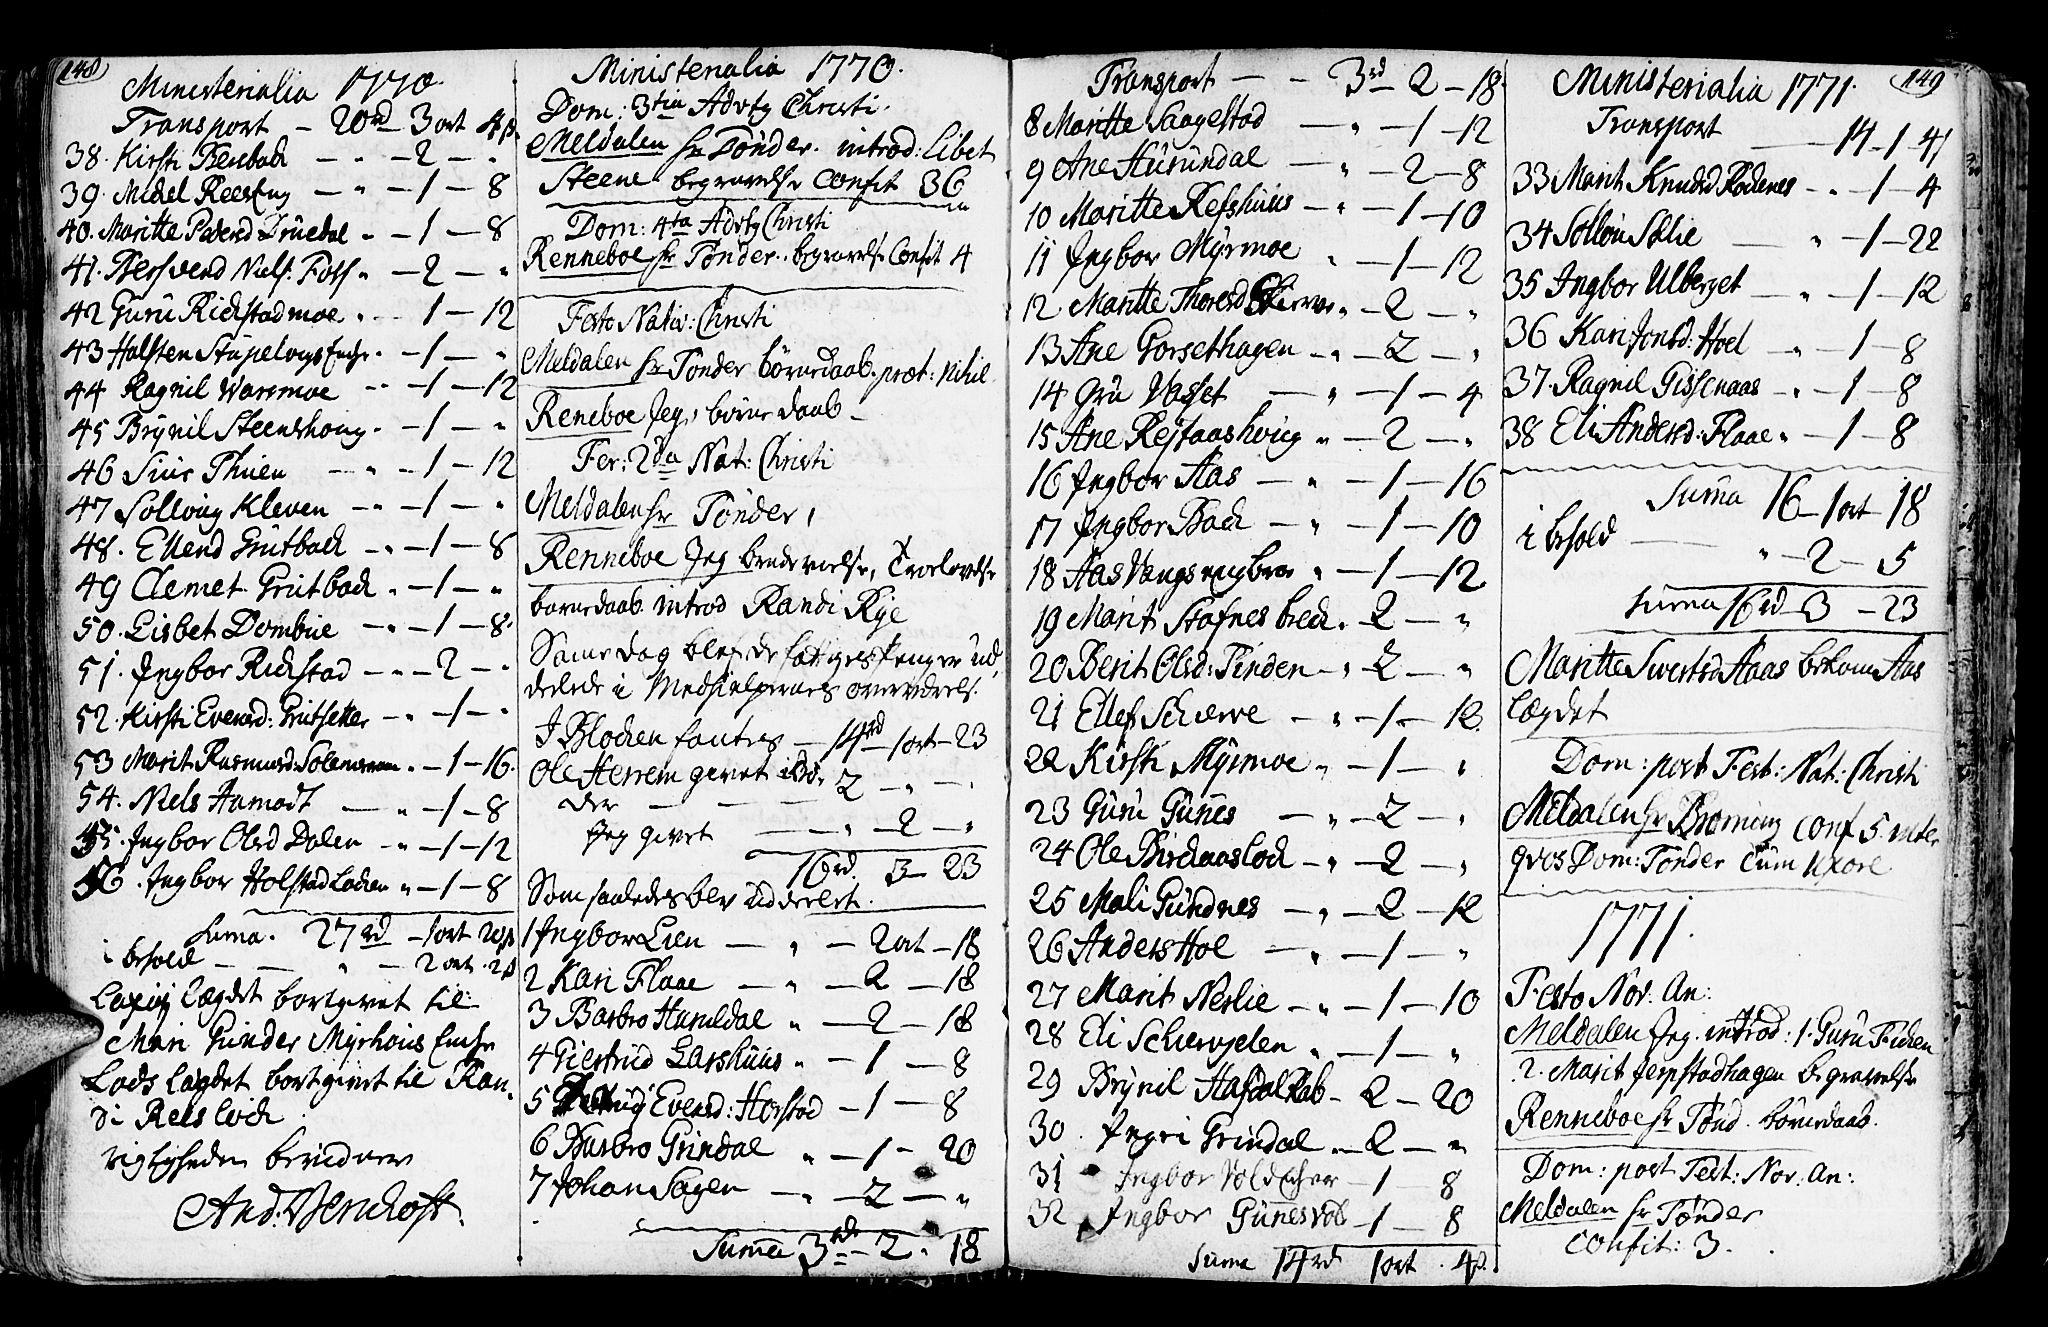 SAT, Ministerialprotokoller, klokkerbøker og fødselsregistre - Sør-Trøndelag, 672/L0851: Ministerialbok nr. 672A04, 1751-1775, s. 148-149